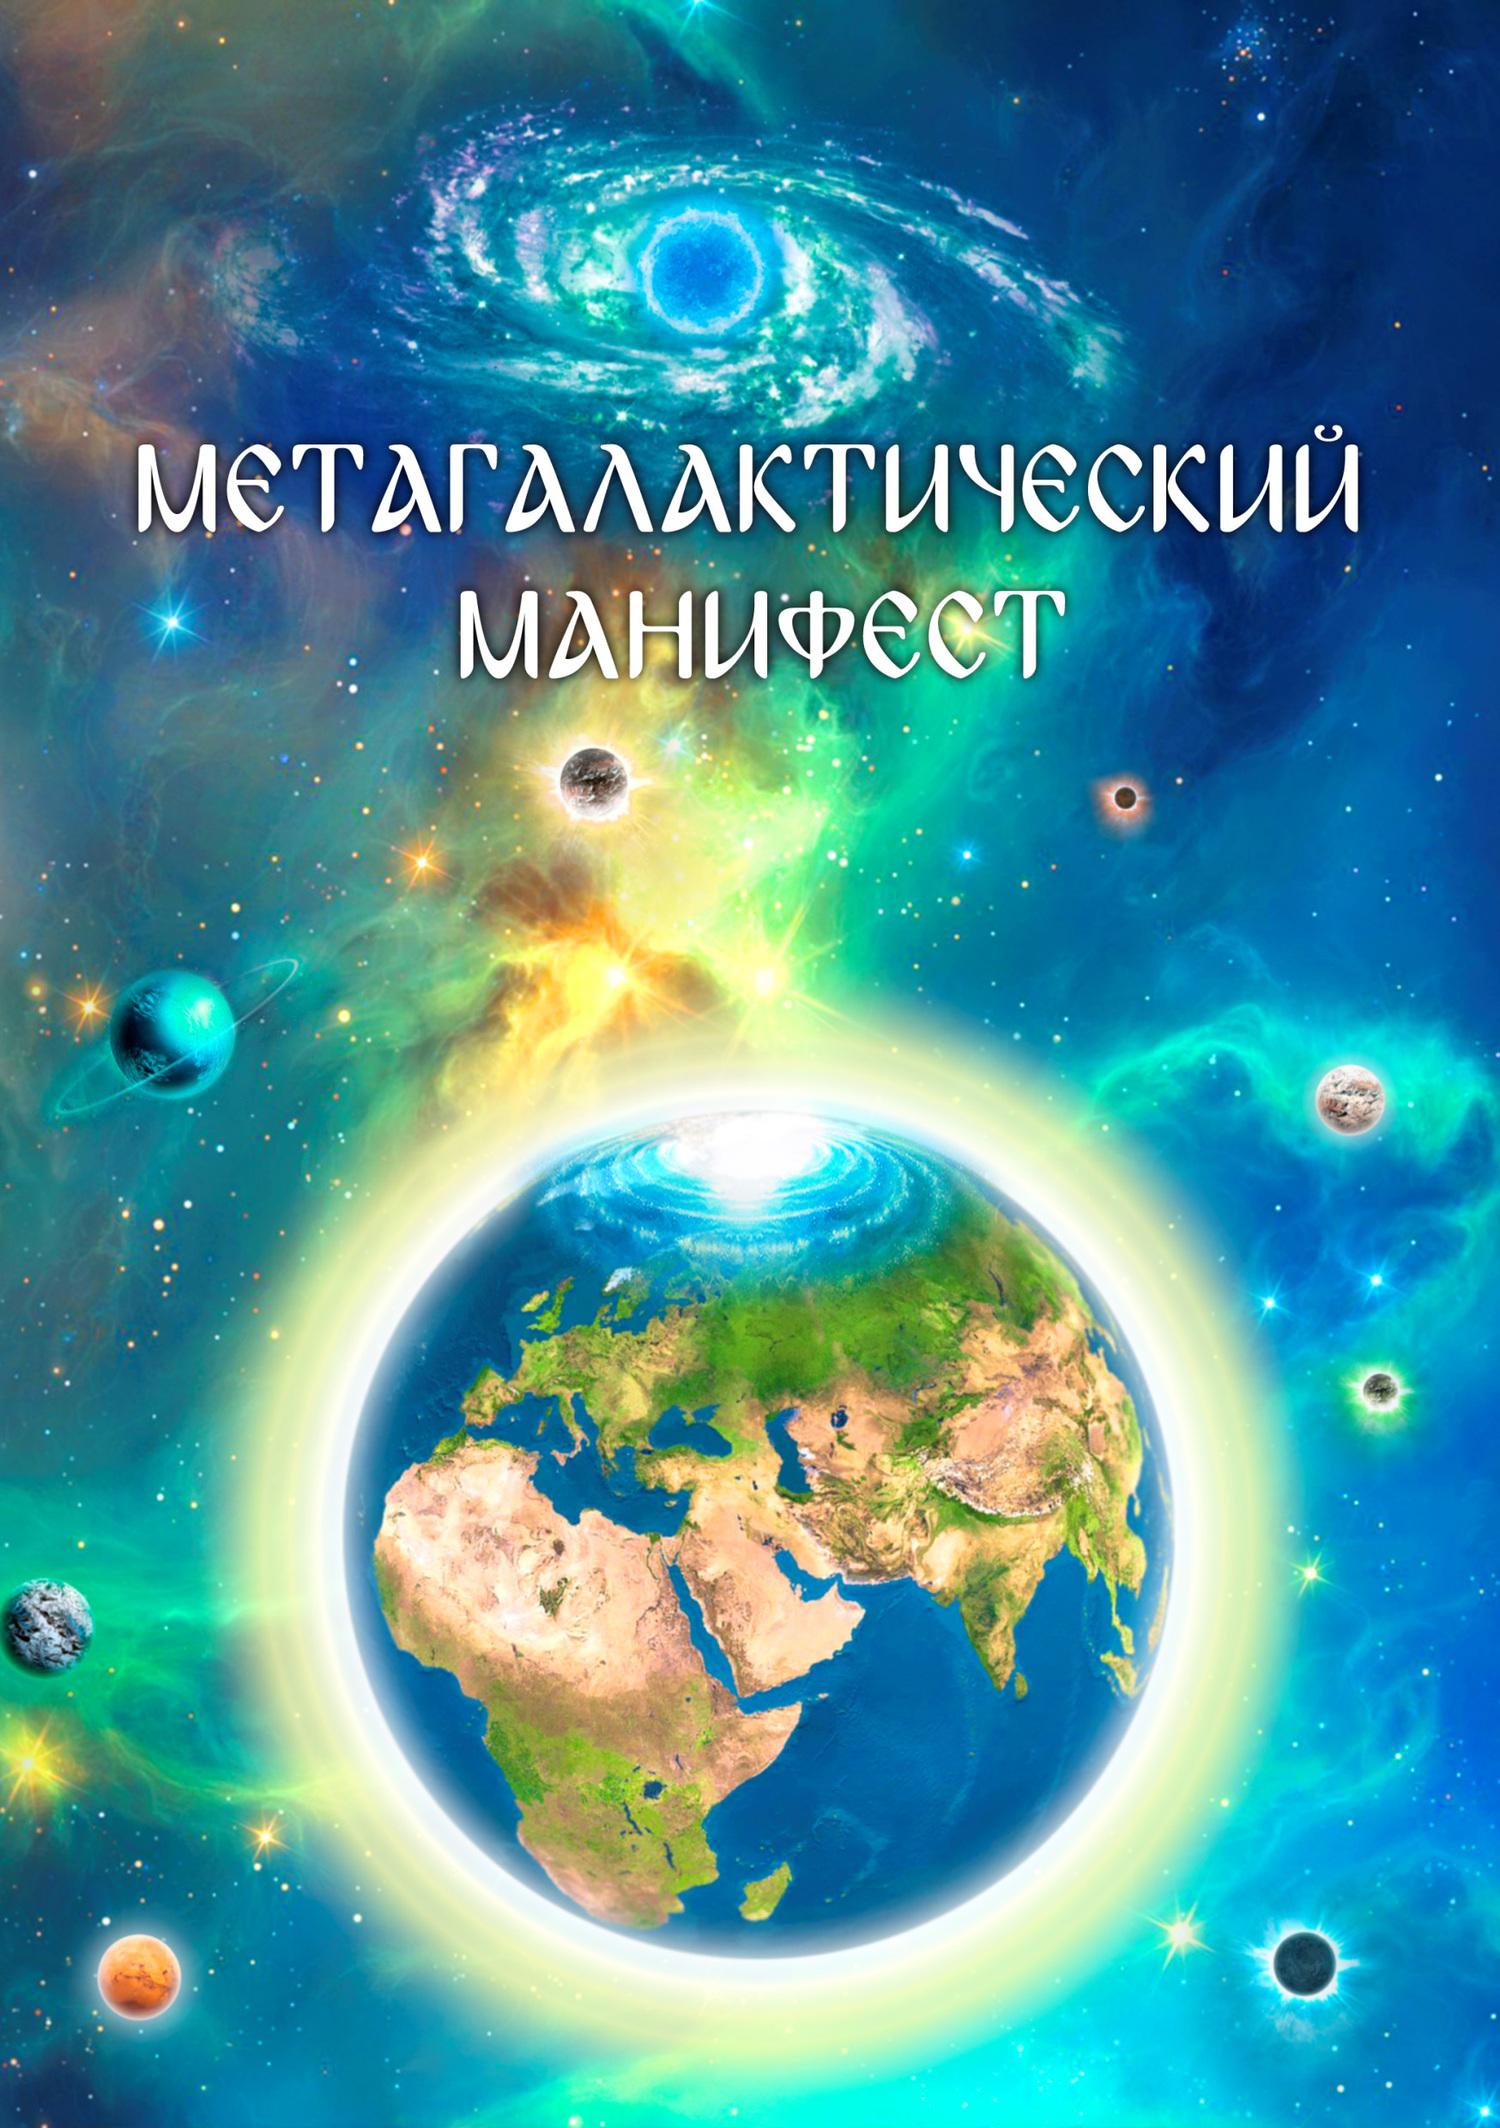 Виталий Сердюк. Метагалактический Манифест